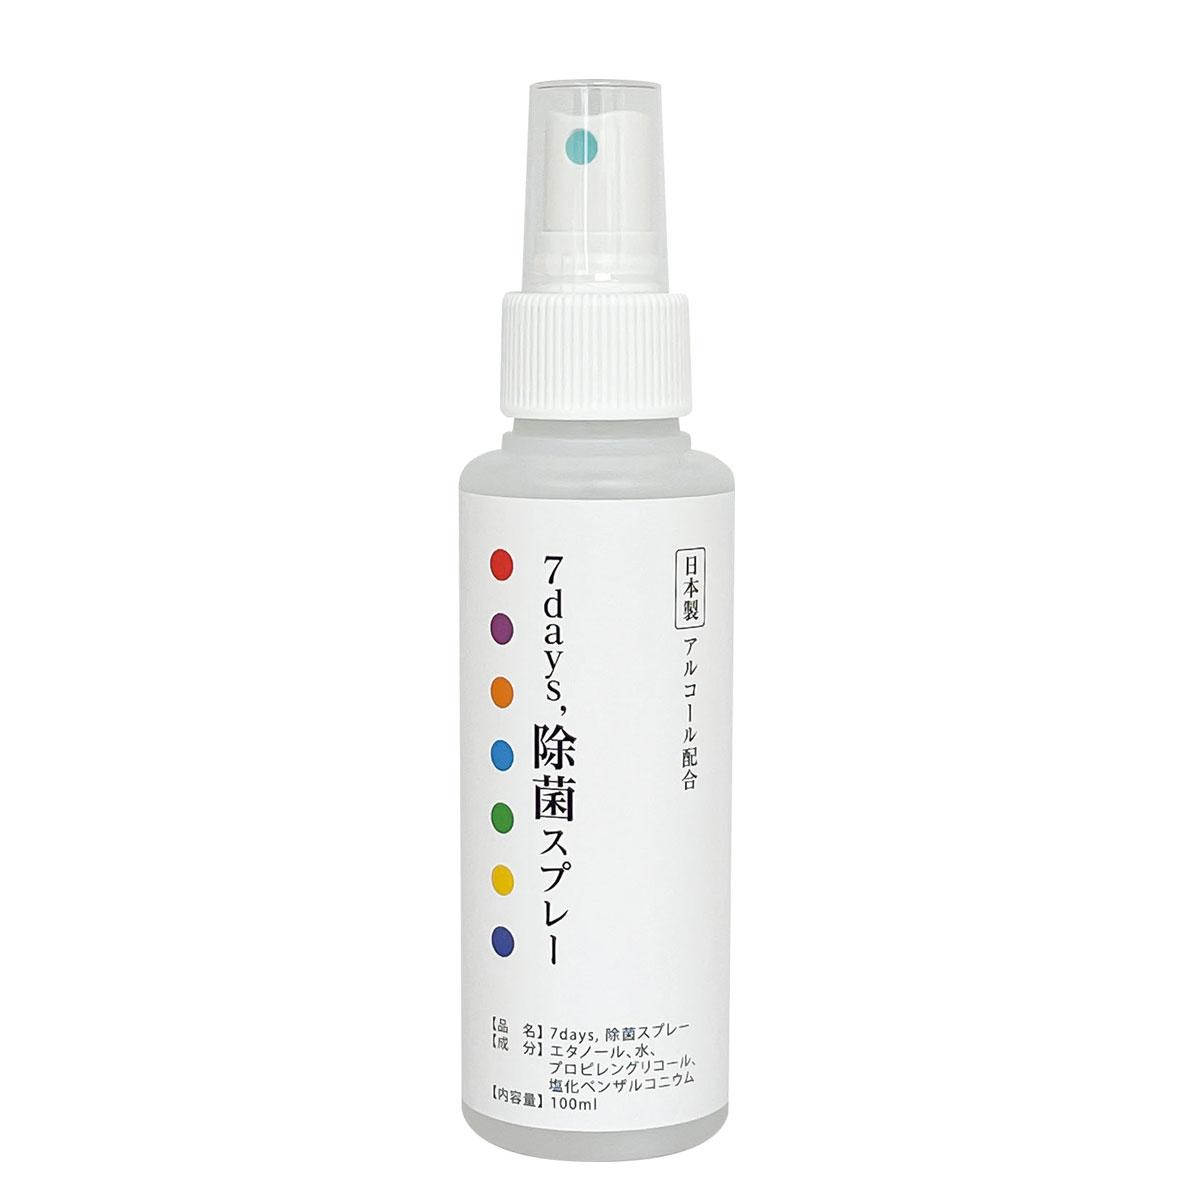 アルコール配合除菌スプレー セブンデイズ(100ml)